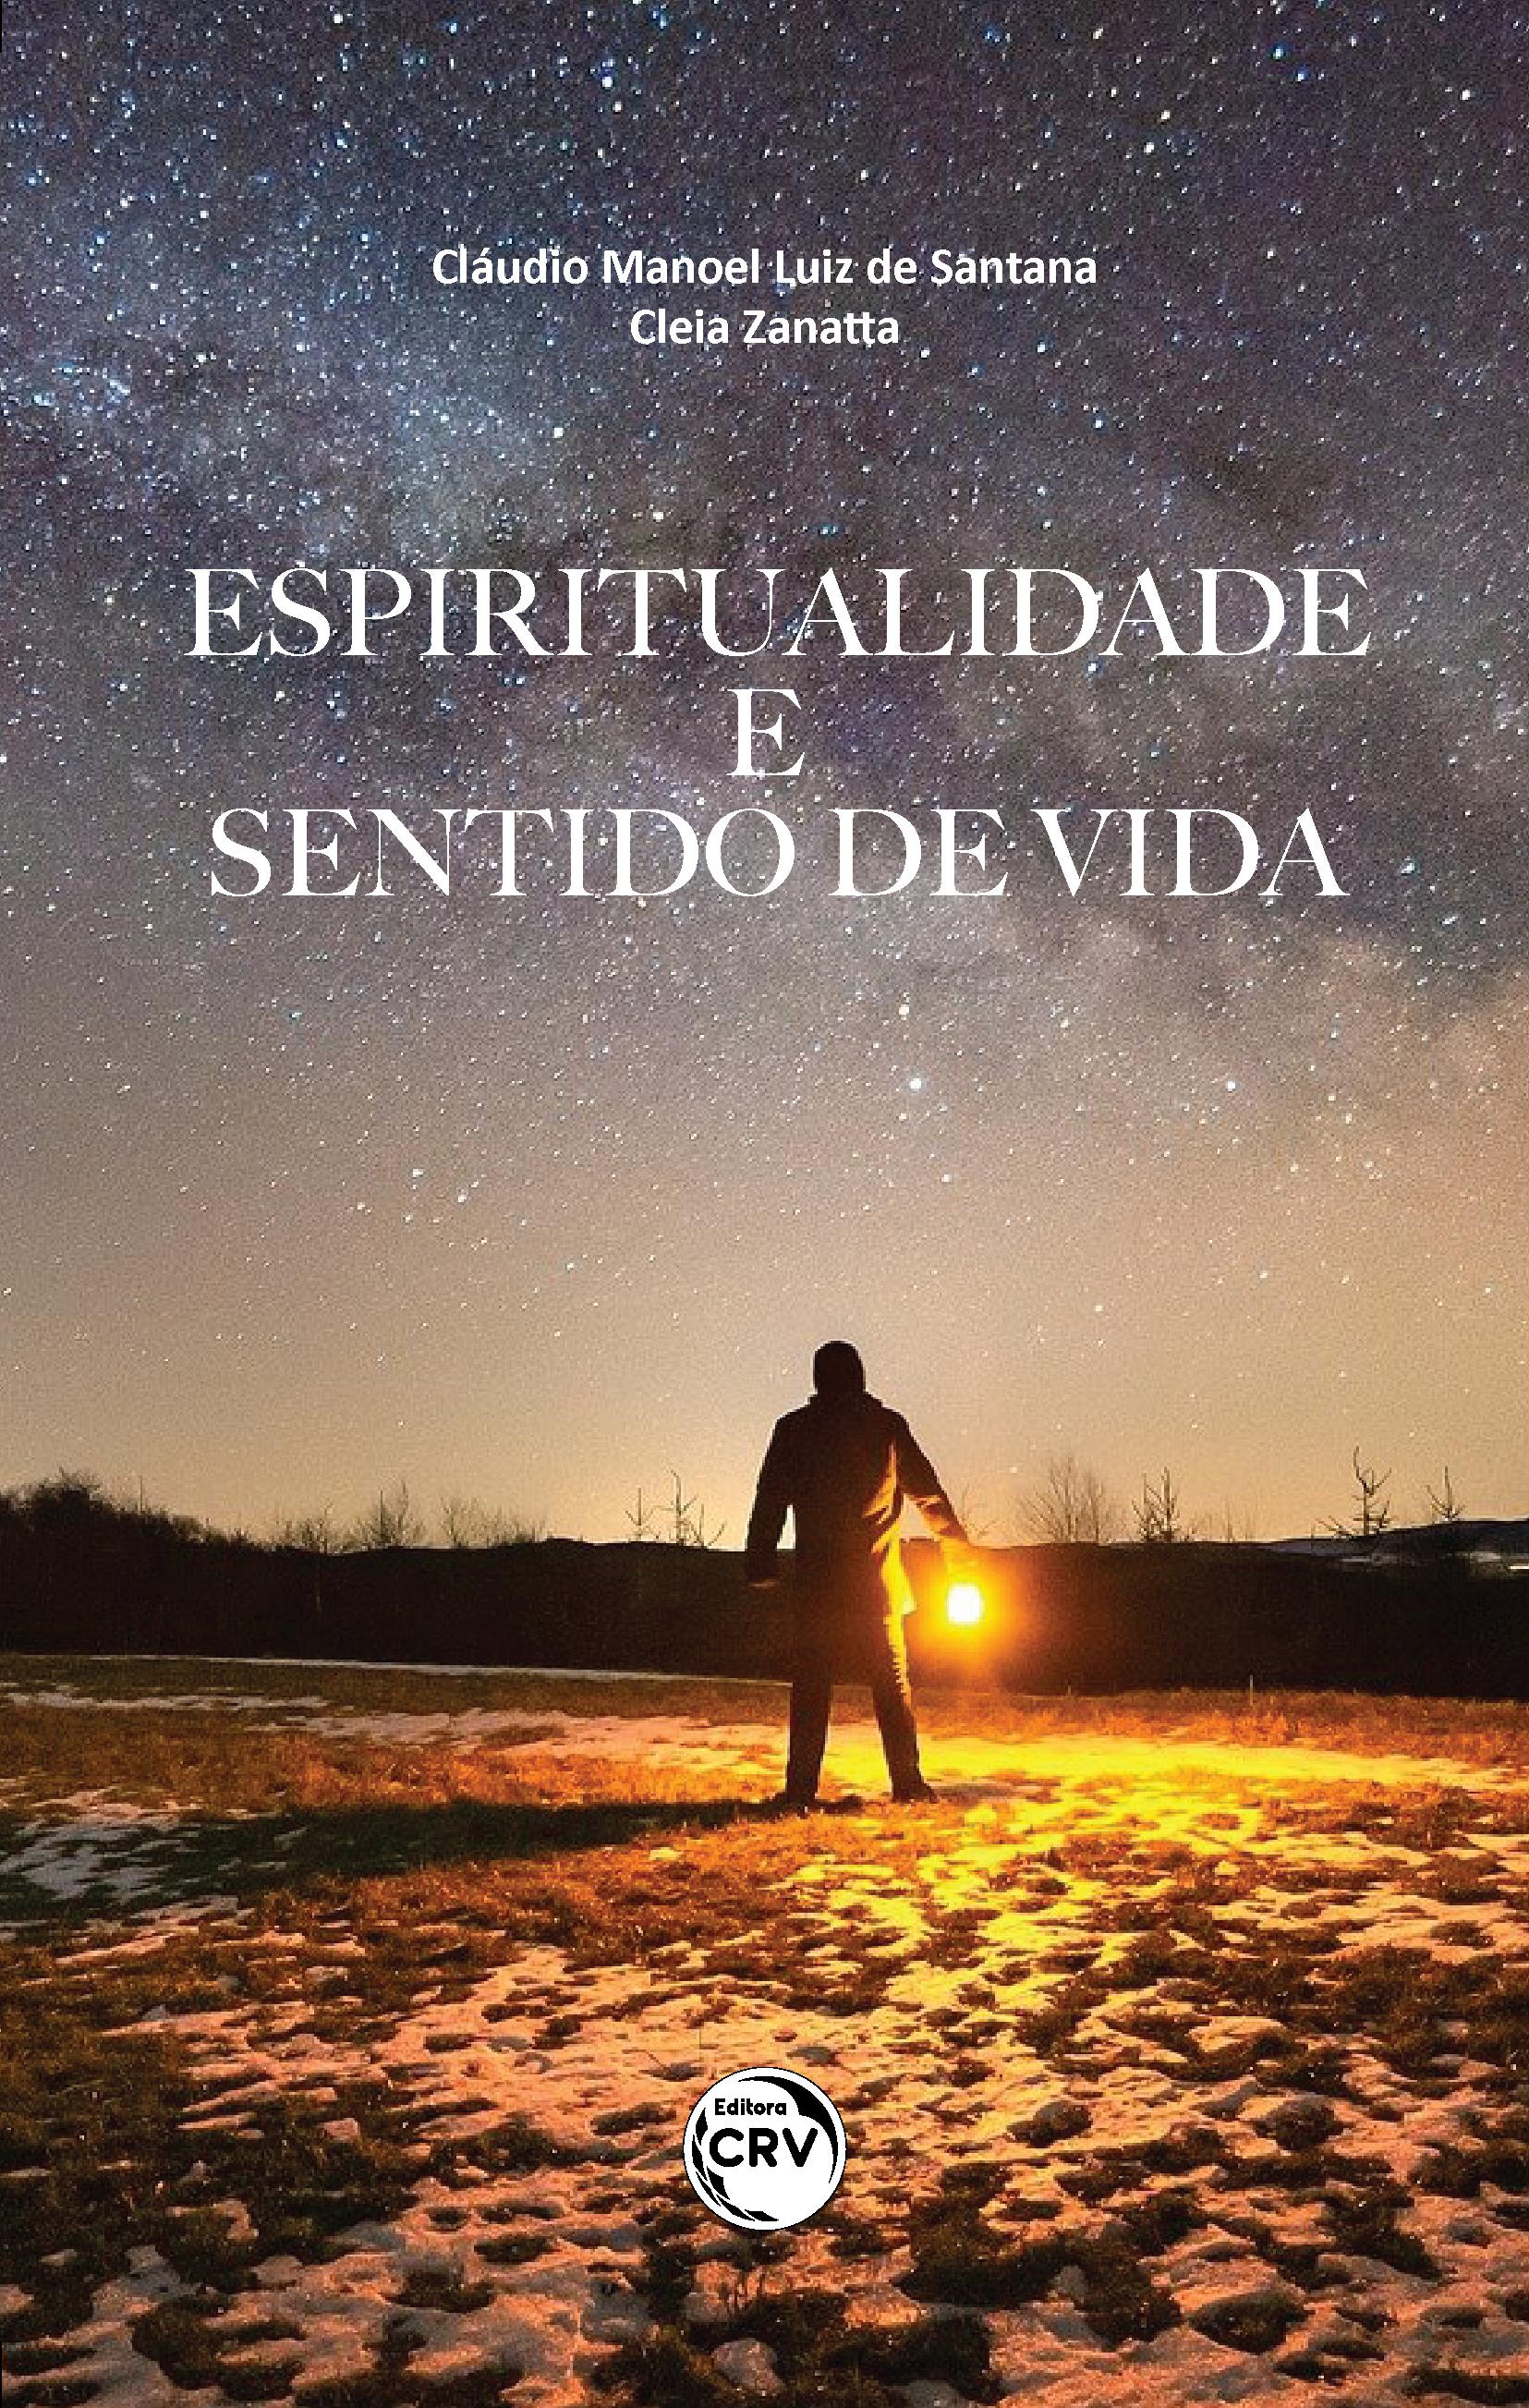 Capa do livro: ESPIRITUALIDADE E SENTIDO DE VIDA